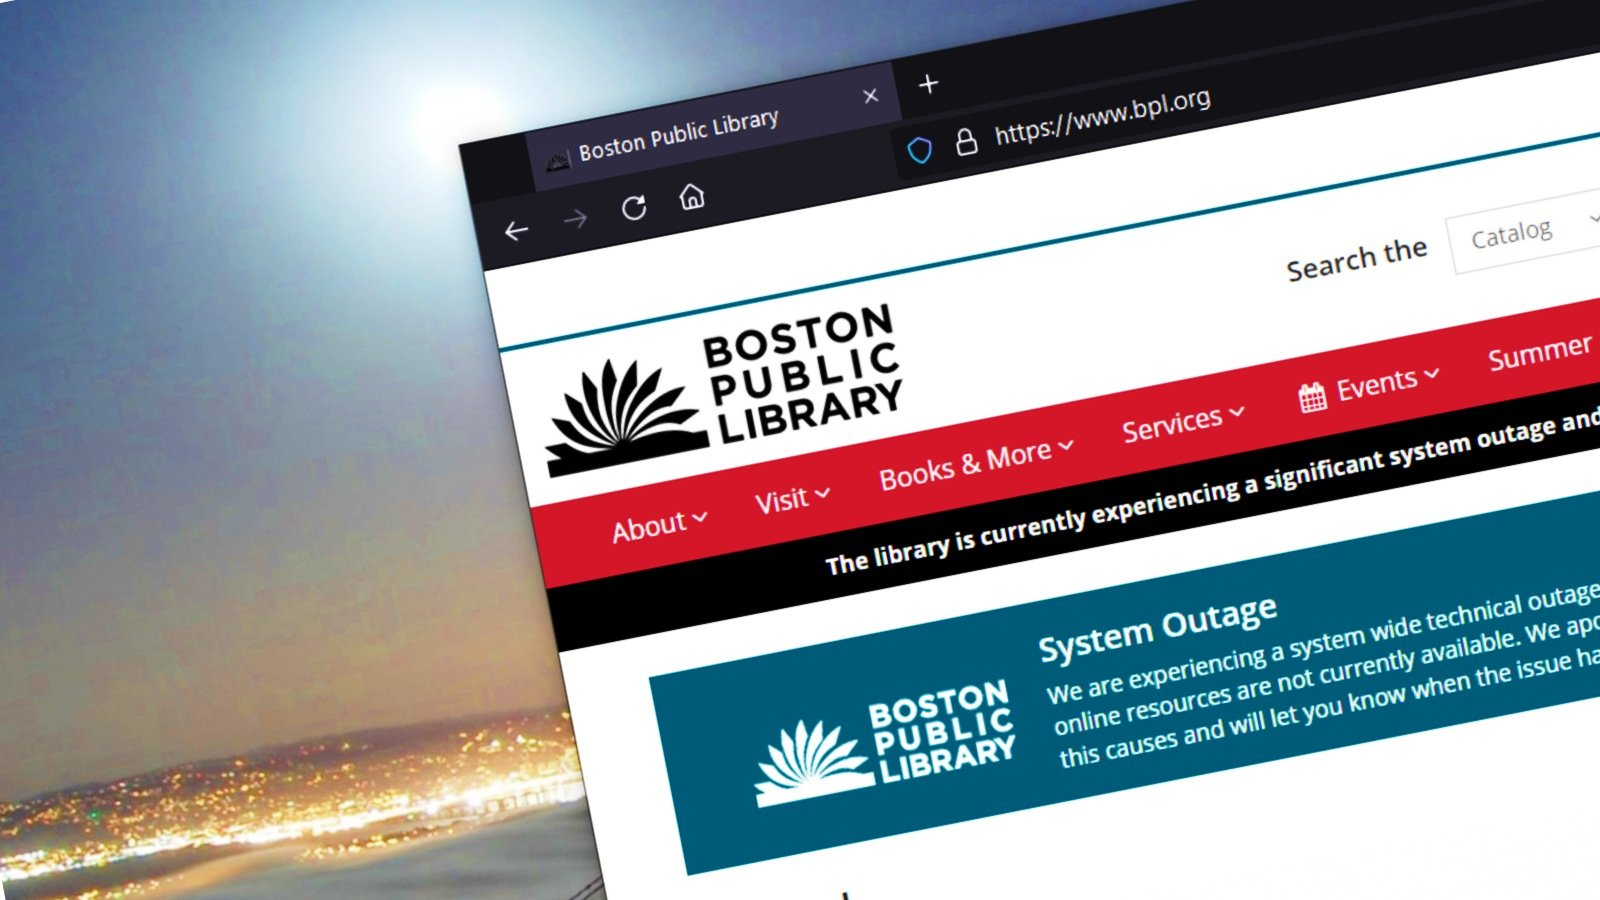 Ciberataque de la avenida de la Biblioteca Pública de Boston, interrupción técnica en todo el sistema